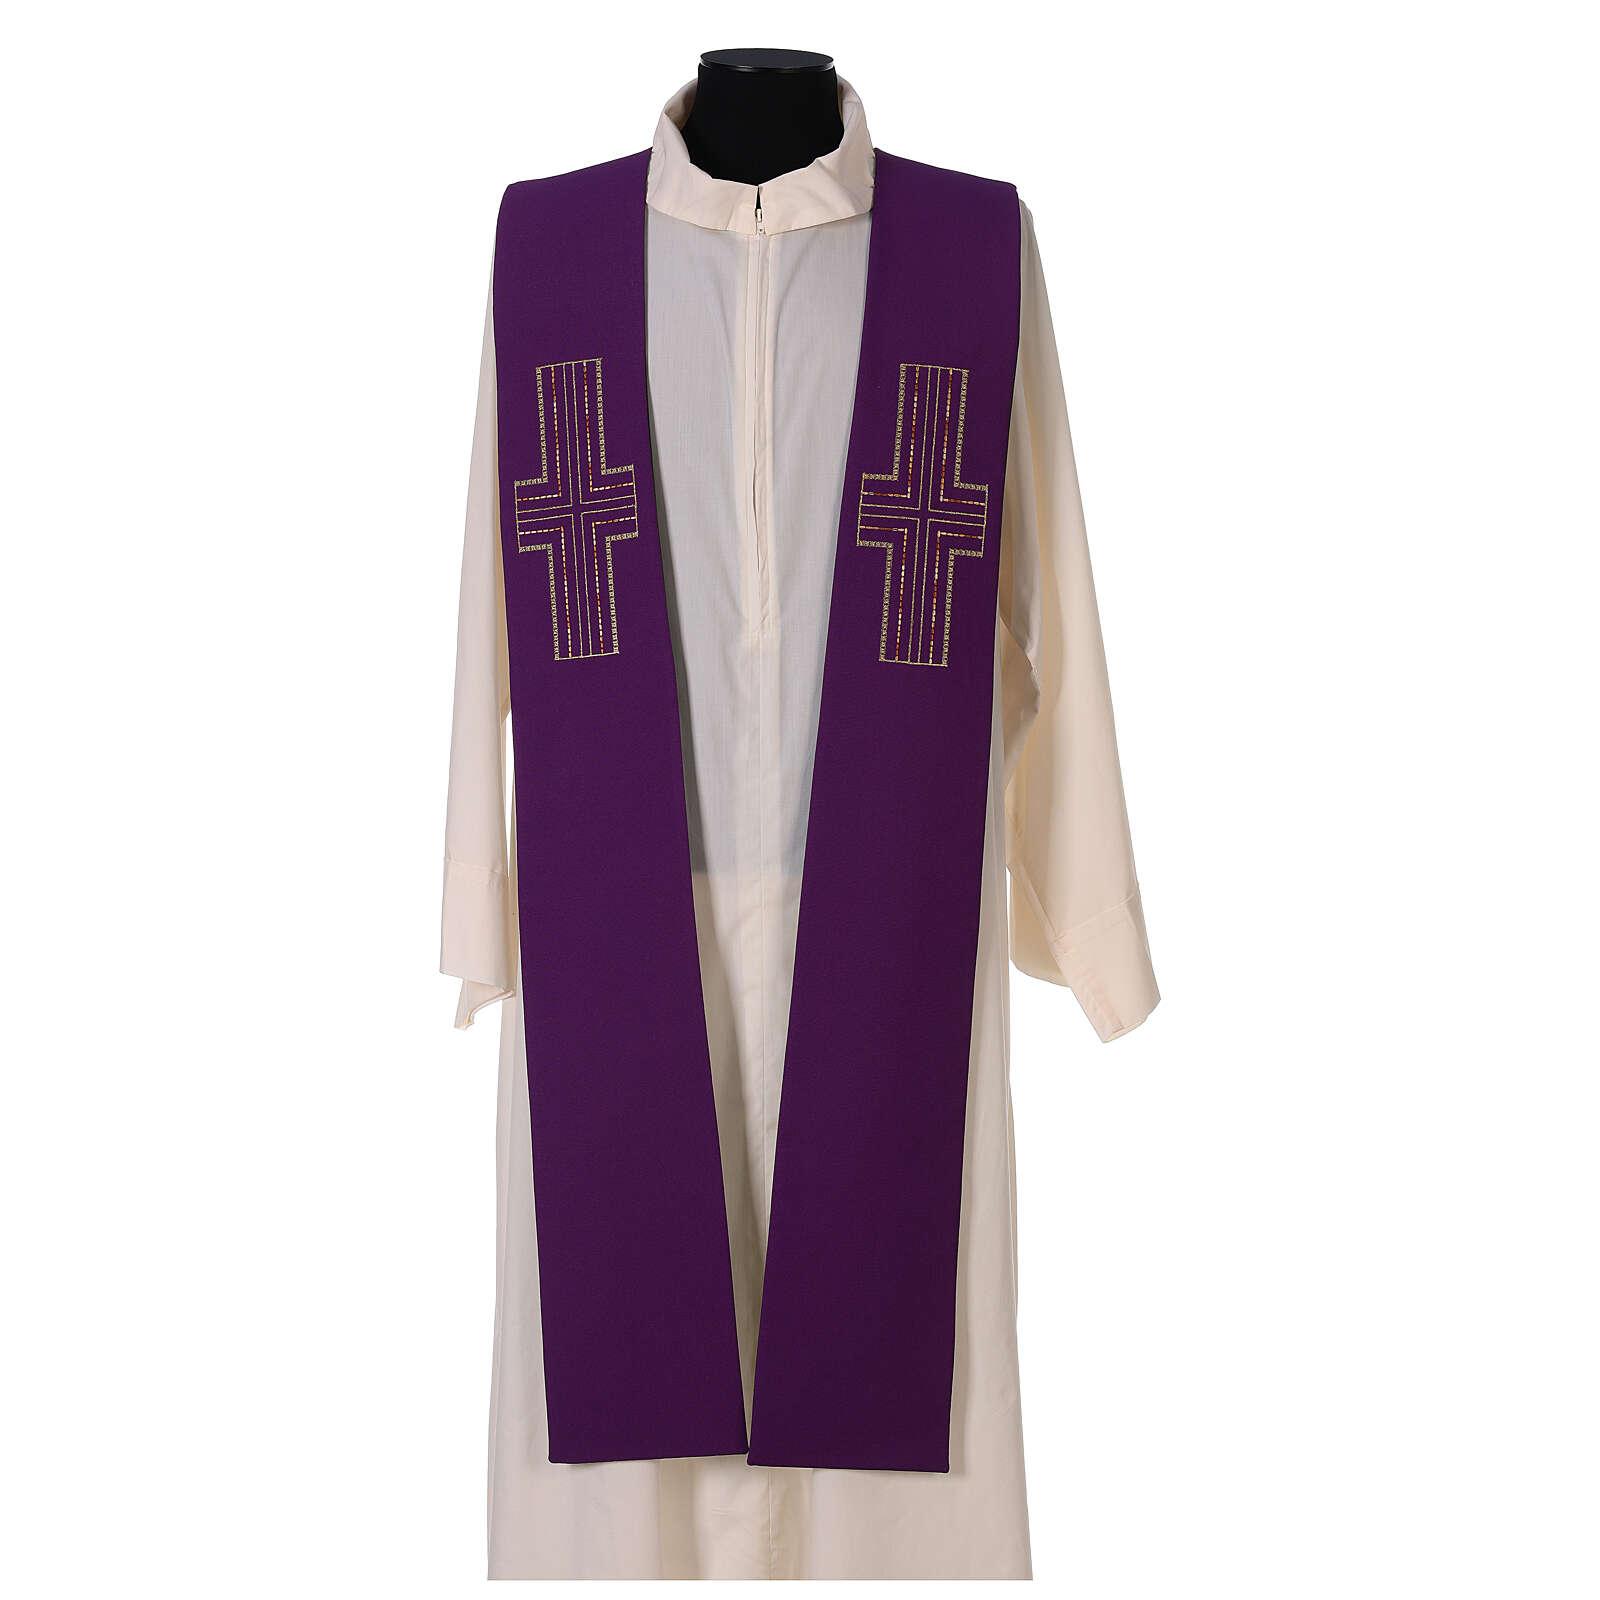 Étole liturgique bicolore verte et violette croix 100% polyester 4